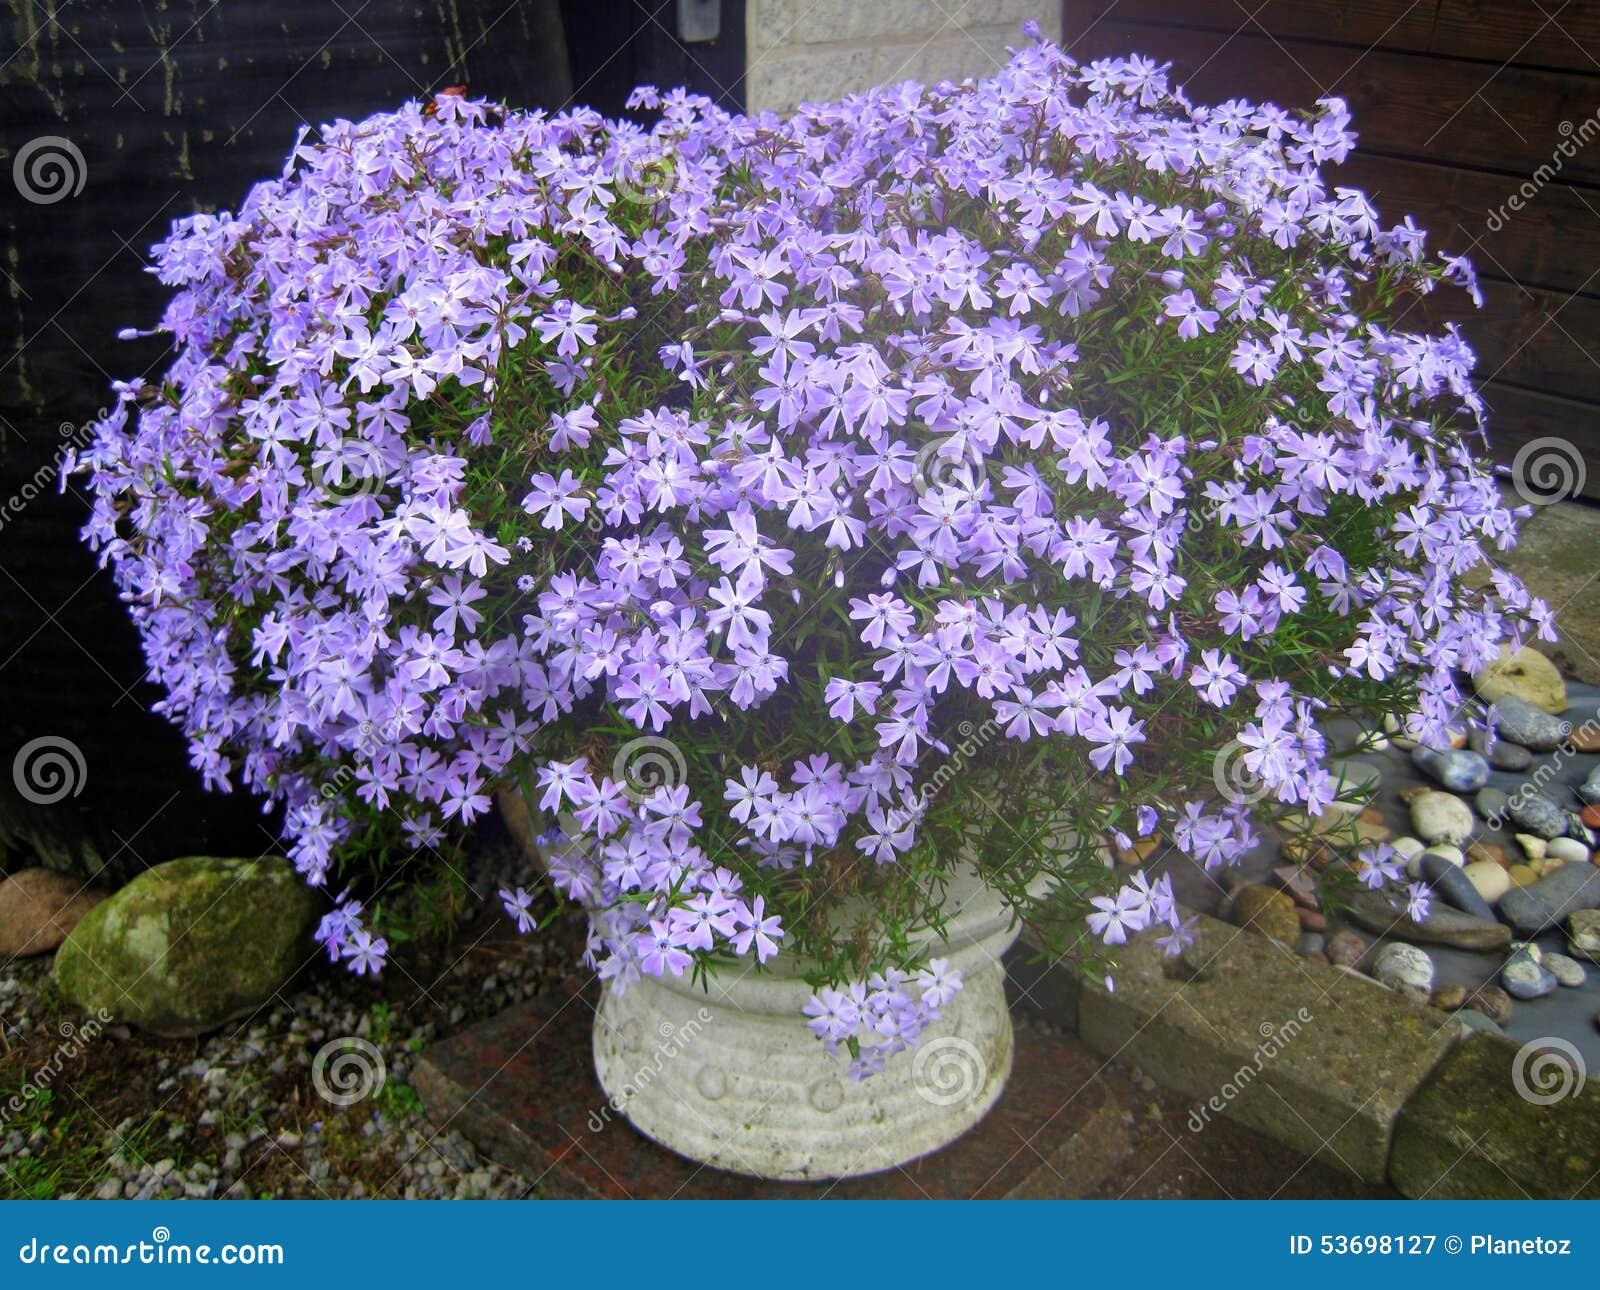 violette blumen garten ideen stockfoto bild 53698127